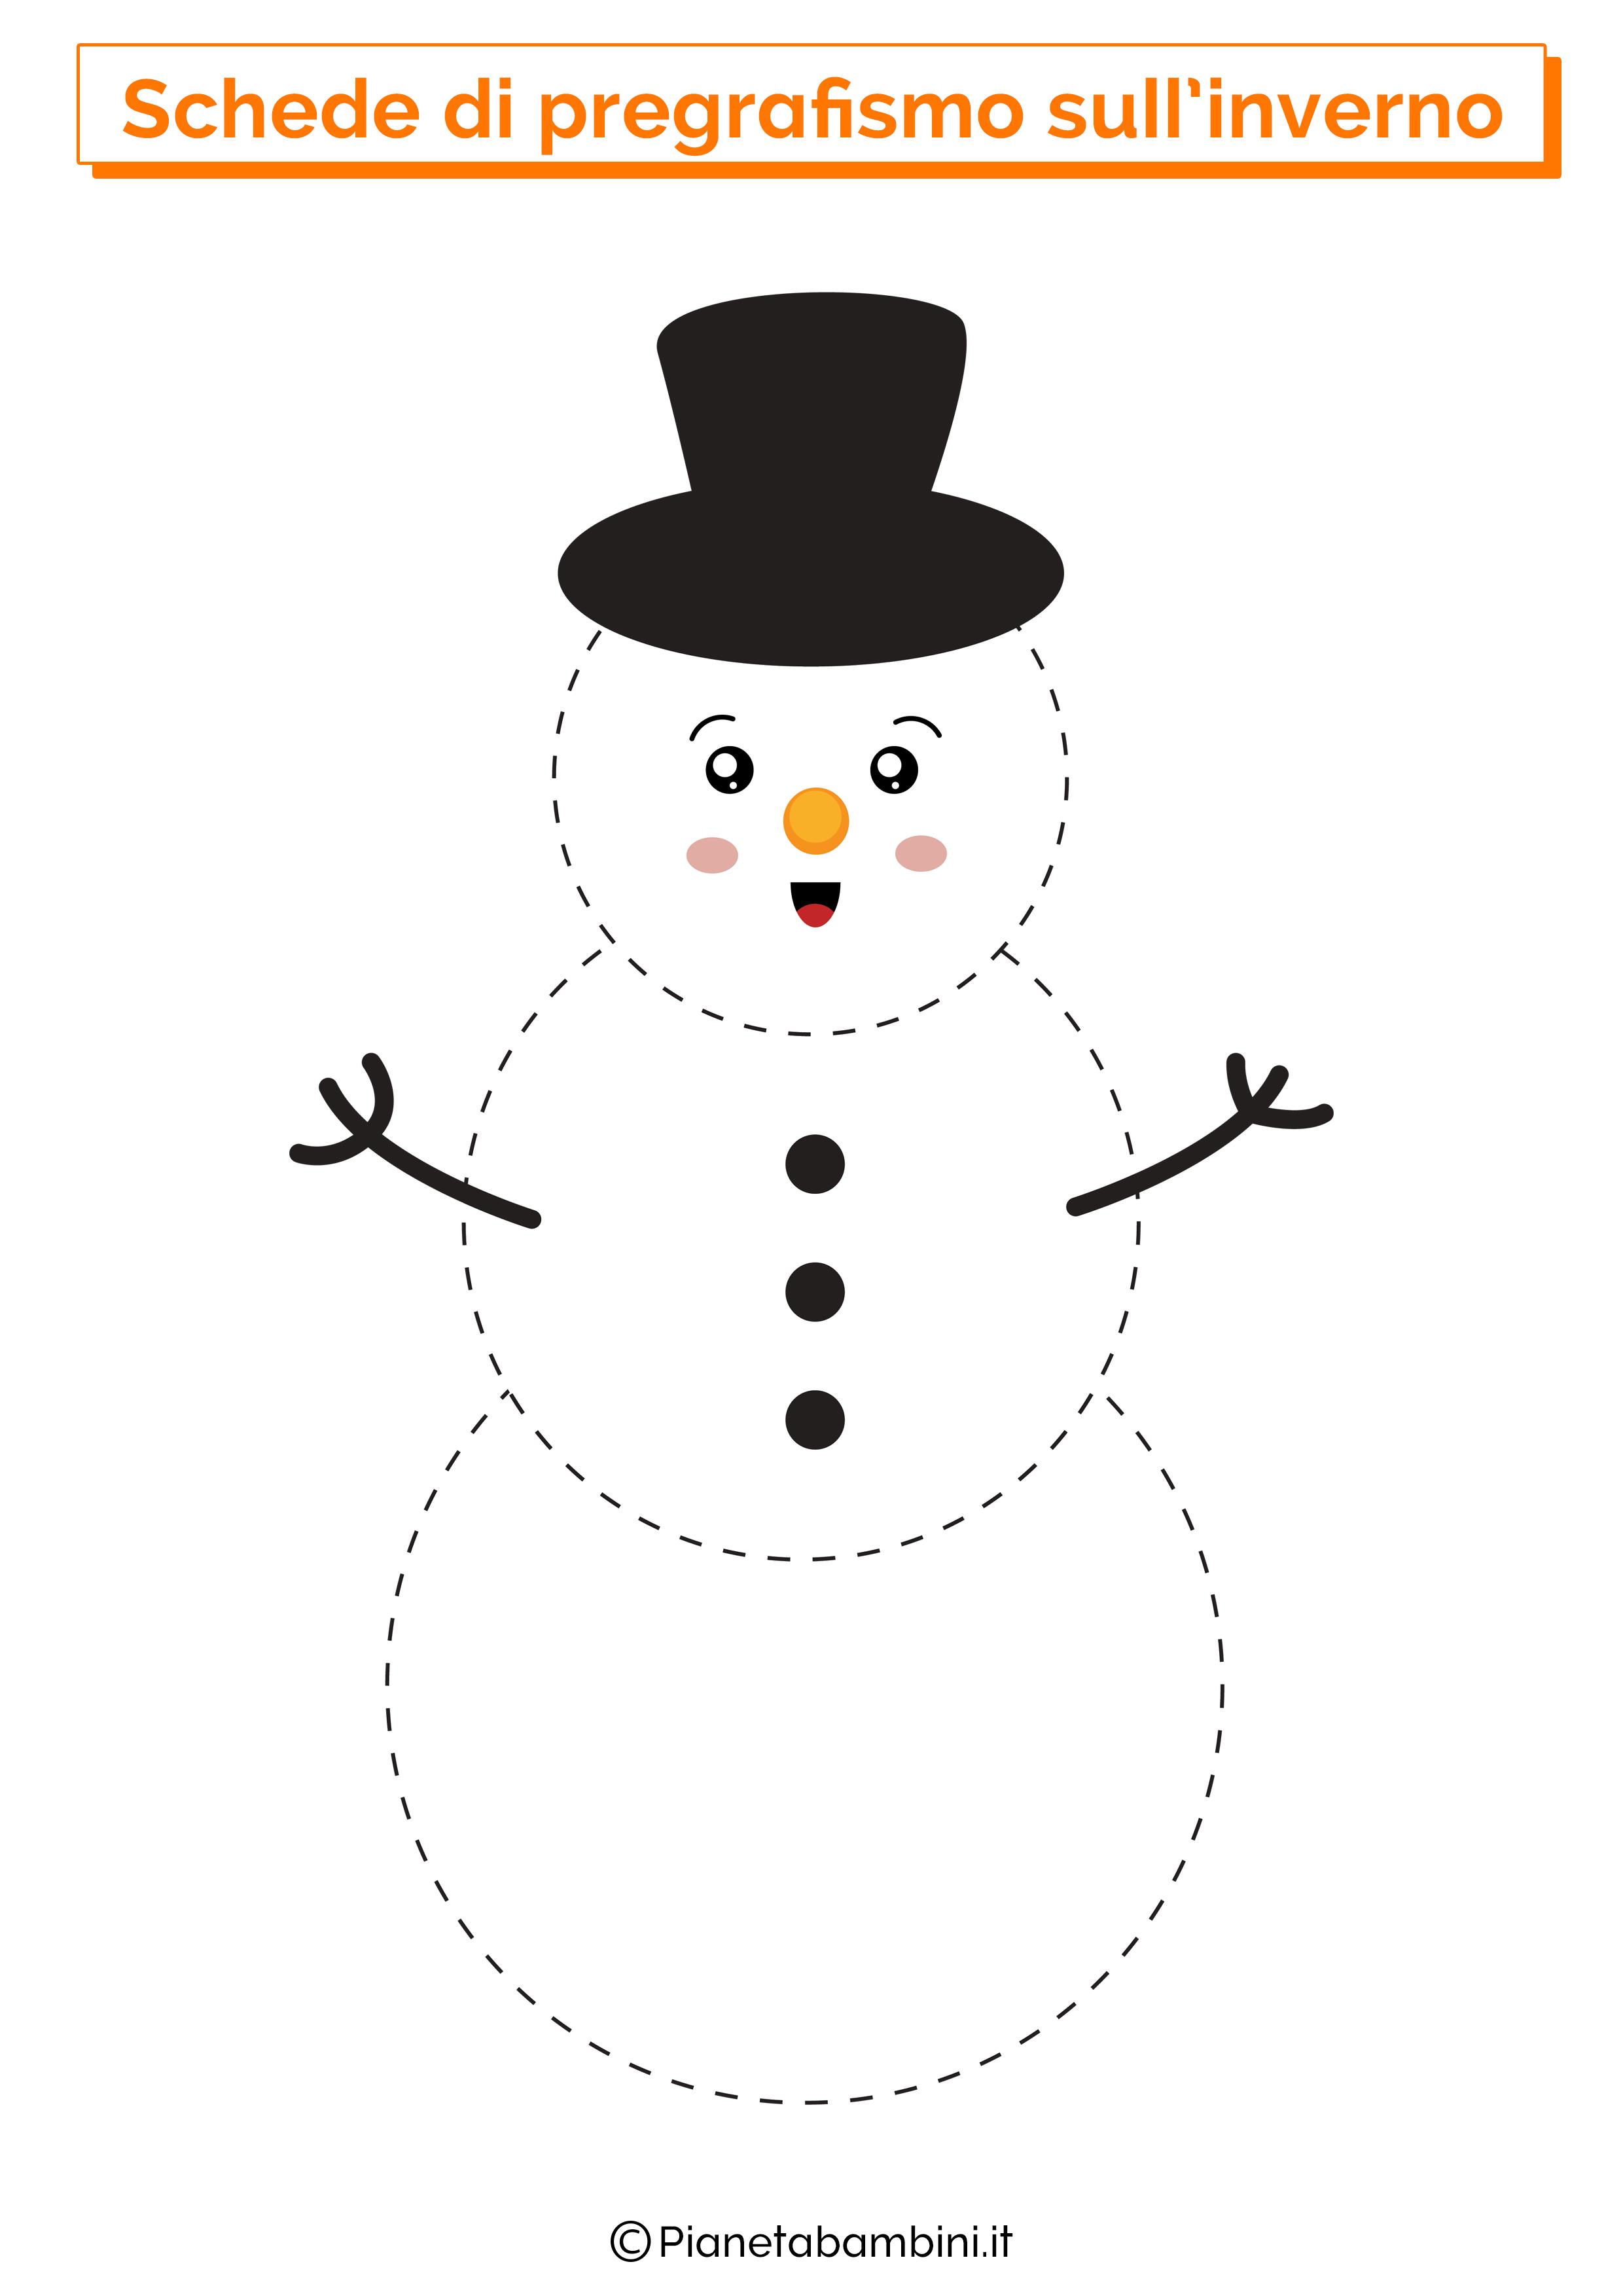 Scheda di pregrafismo sull'inverno 6